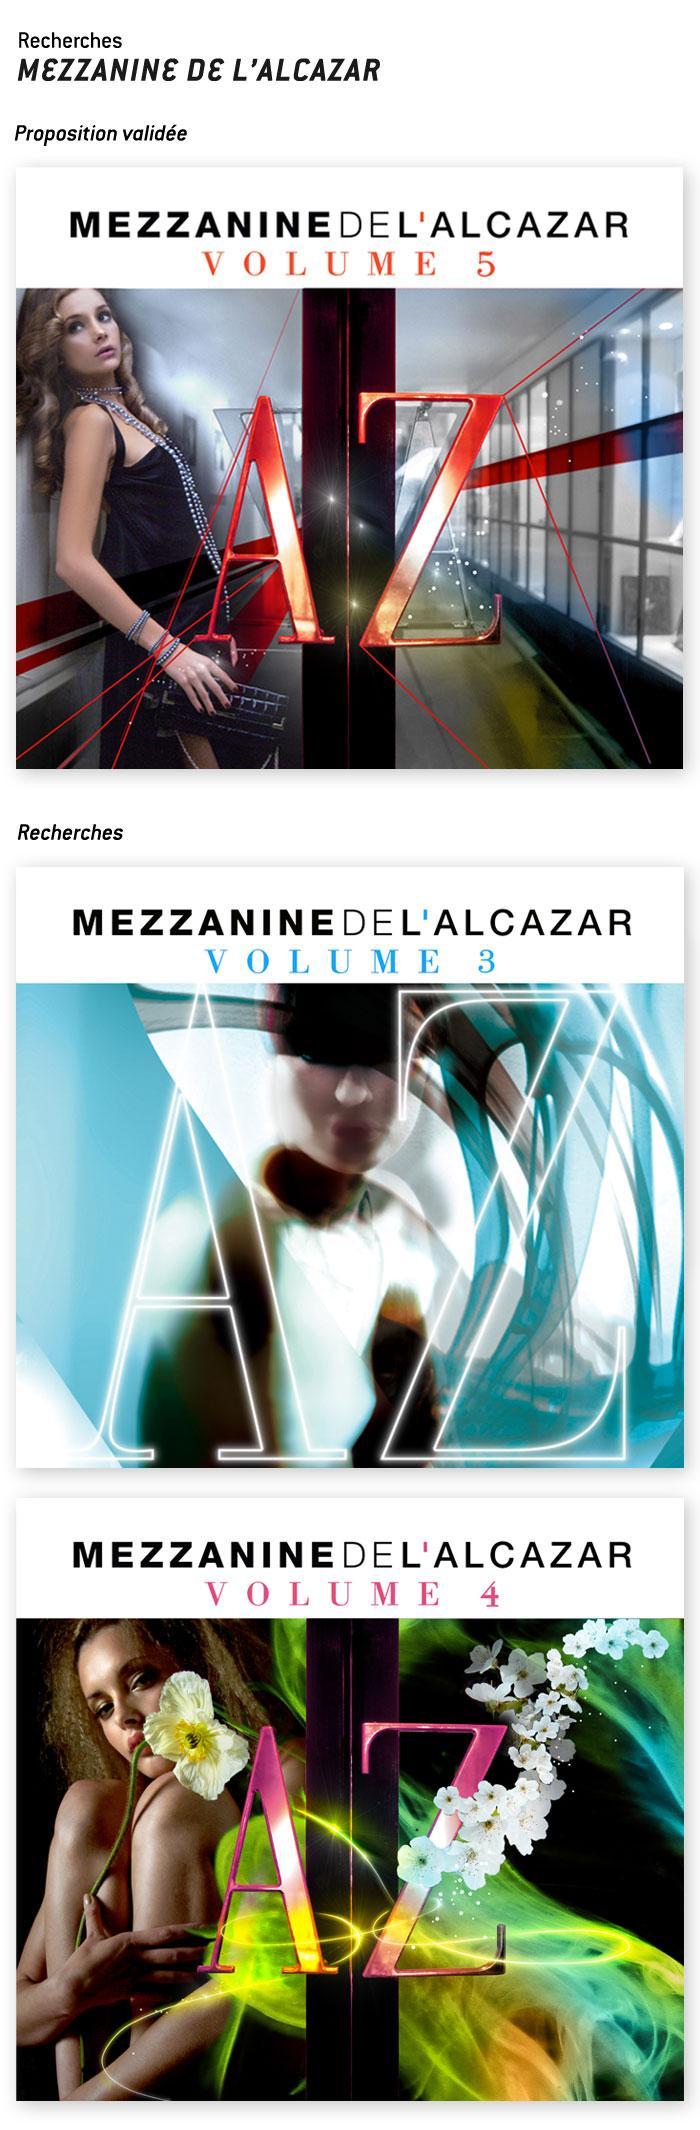 Alcazar | Agence VERTU